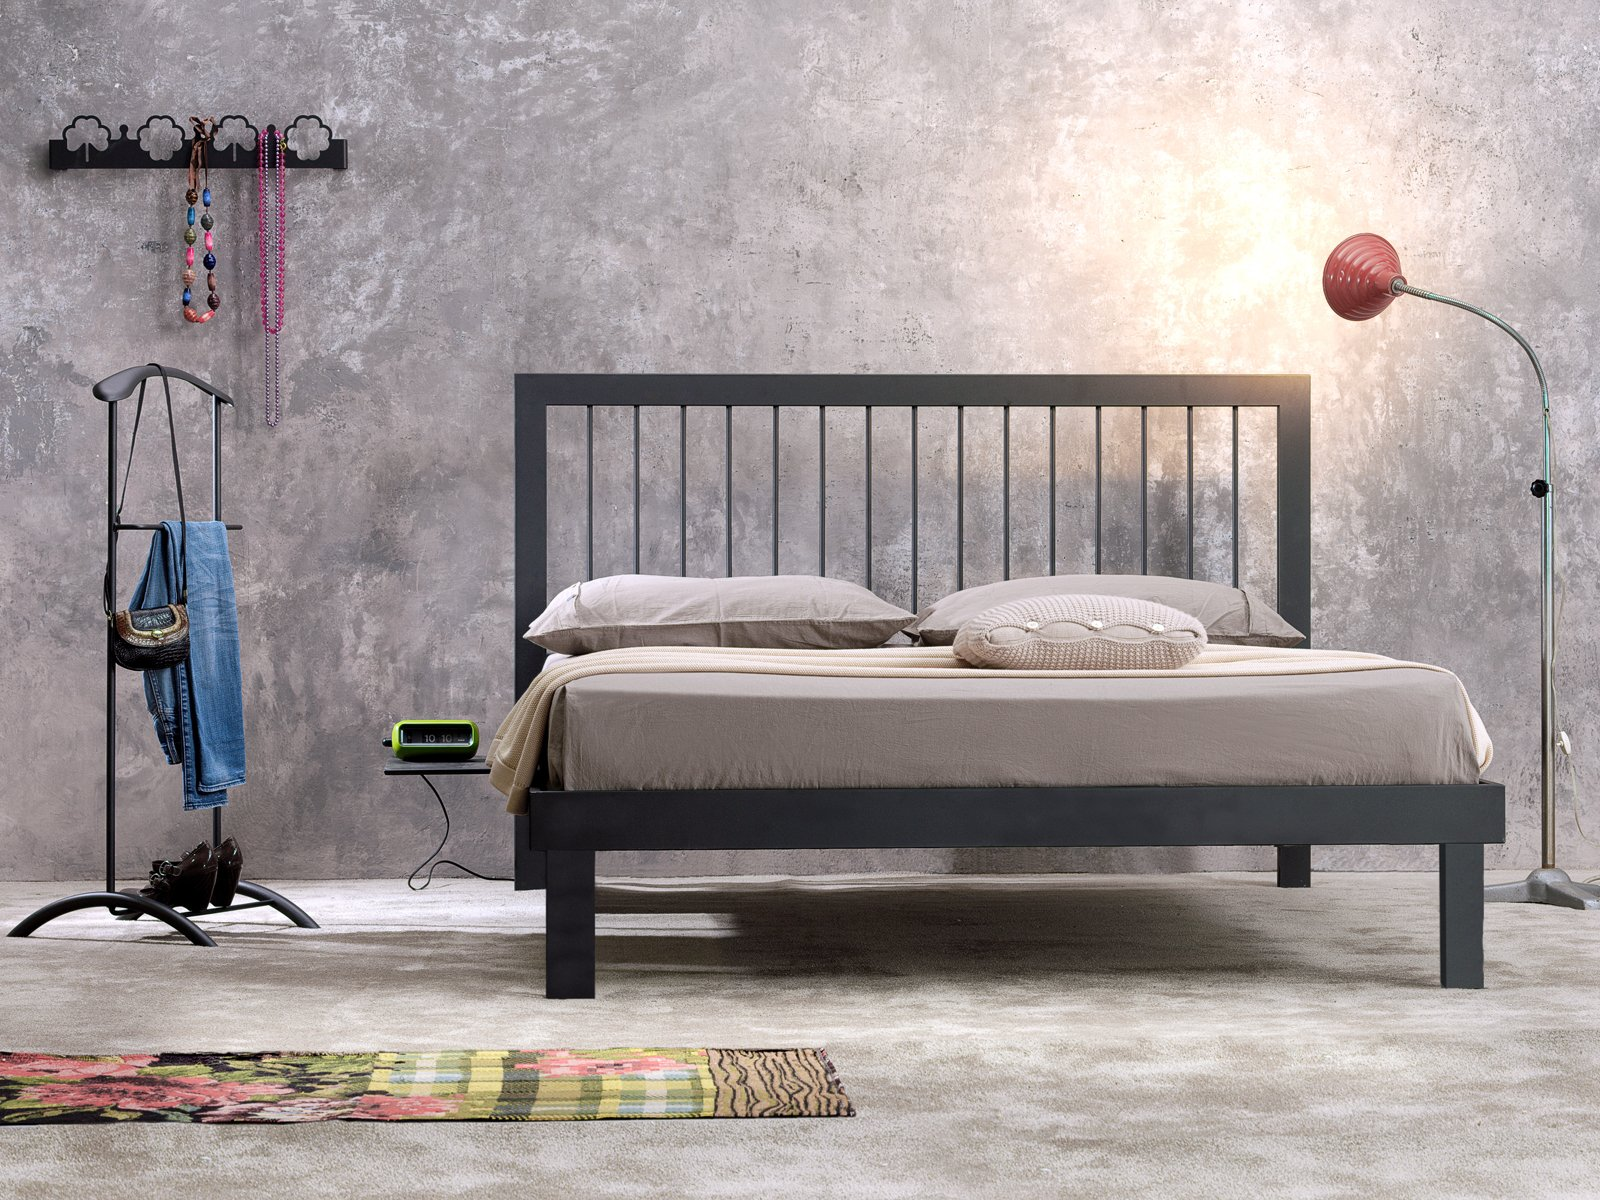 Letti e armadi di piccole dimensioni perfettamente funzionali cose di casa - Camere da letto ferro battuto ...